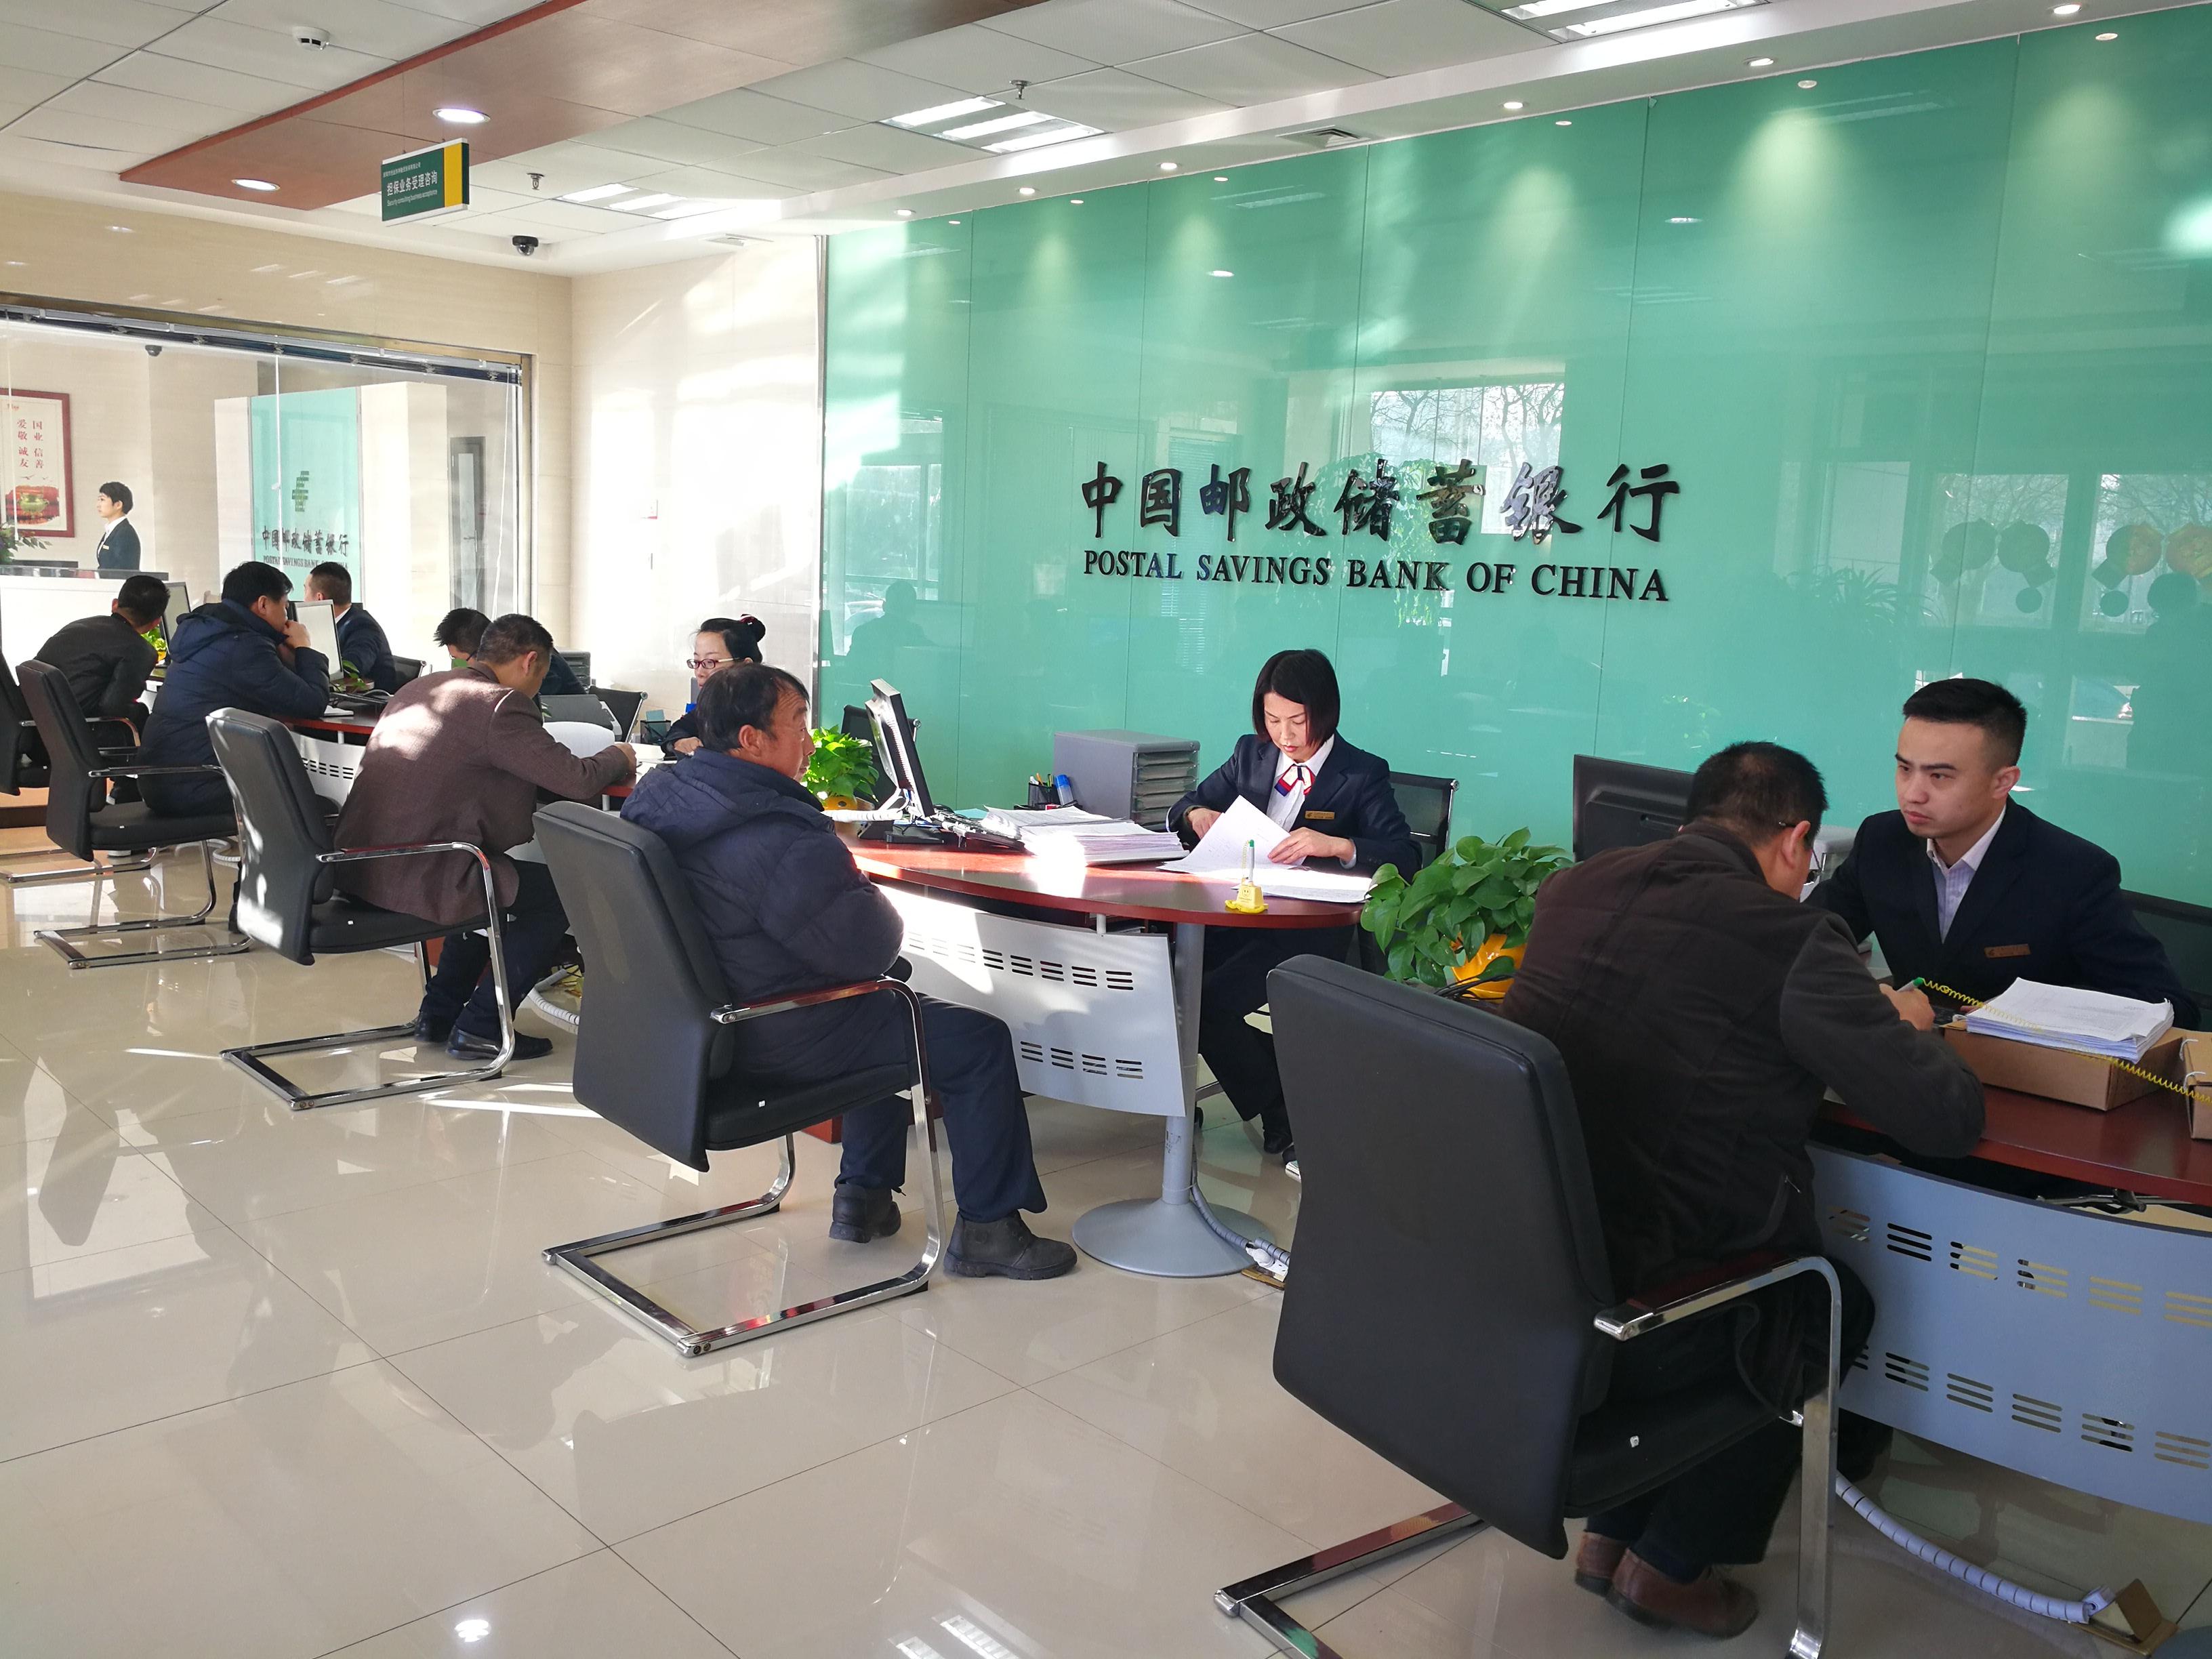 信贷客户司理正在为客户管理业务